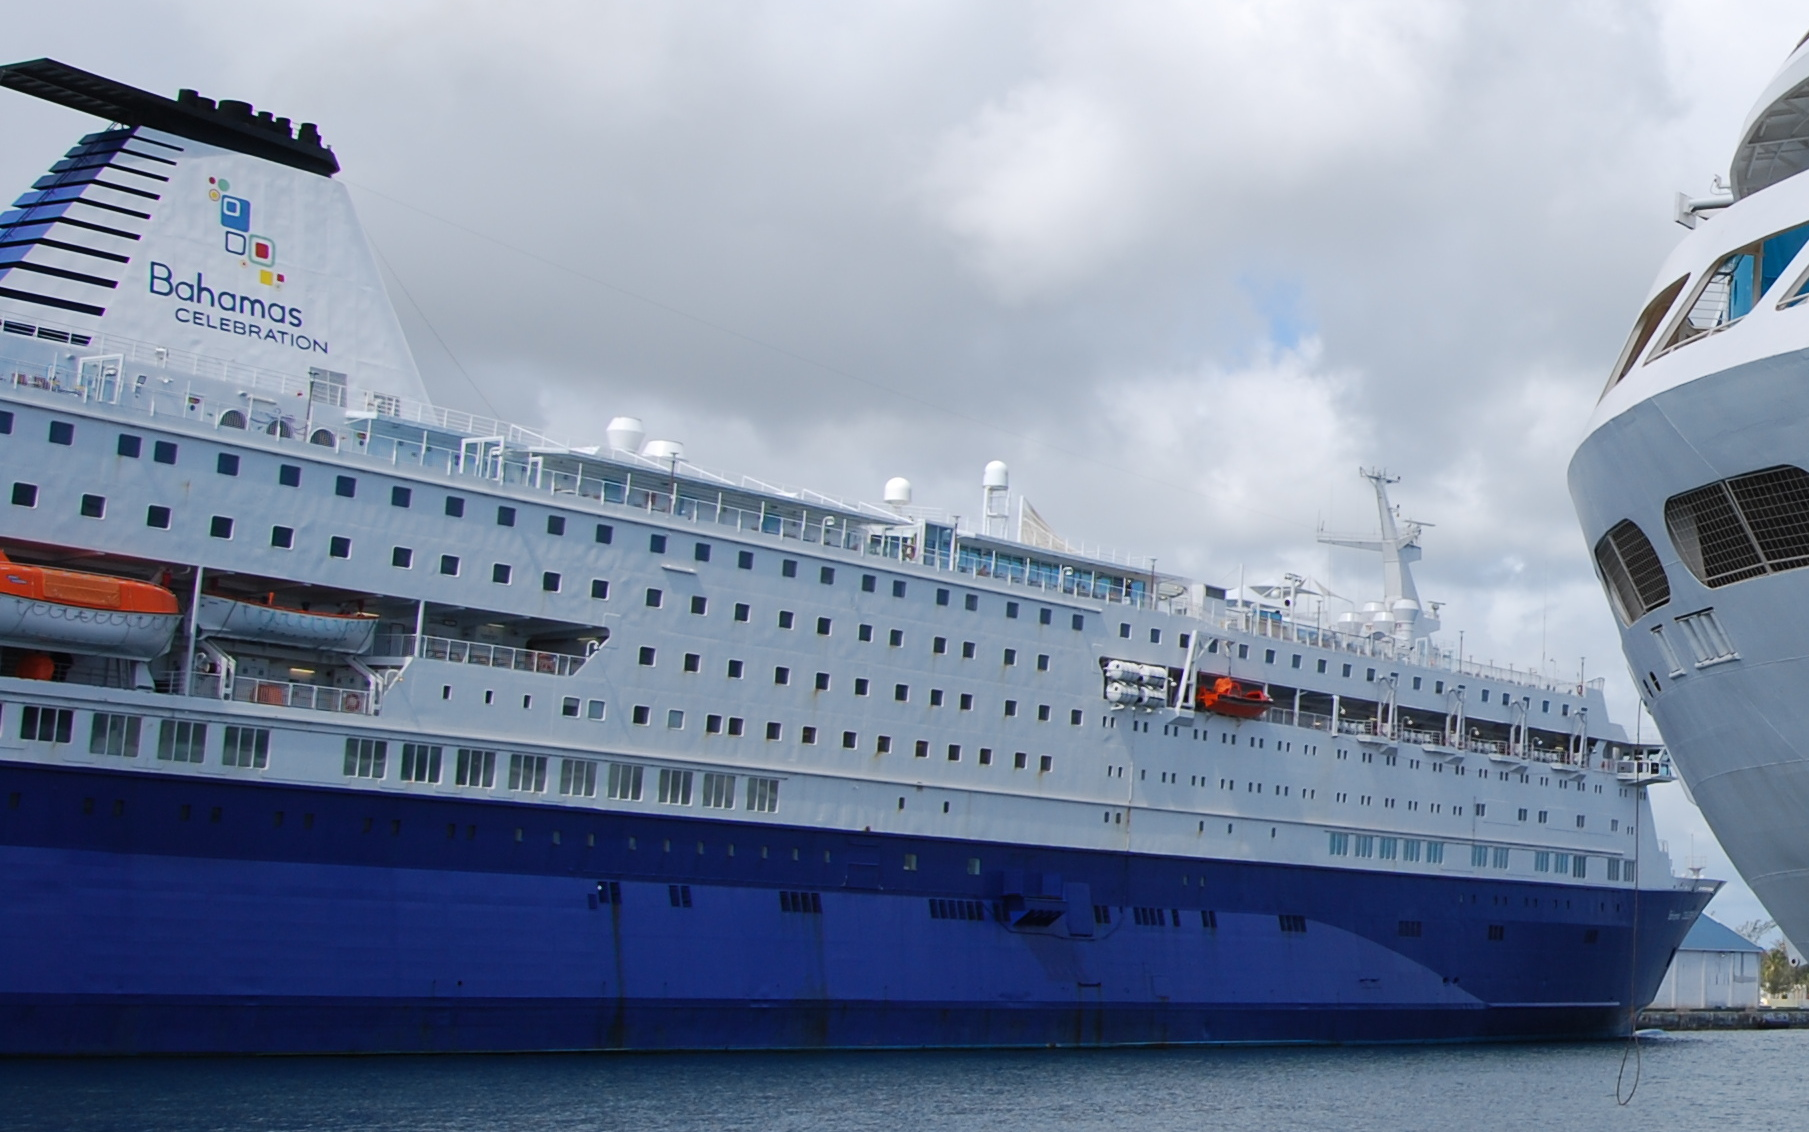 FileMajesty Of The Seas In Nassau Bahamas - Bahamas celebration cruise ship